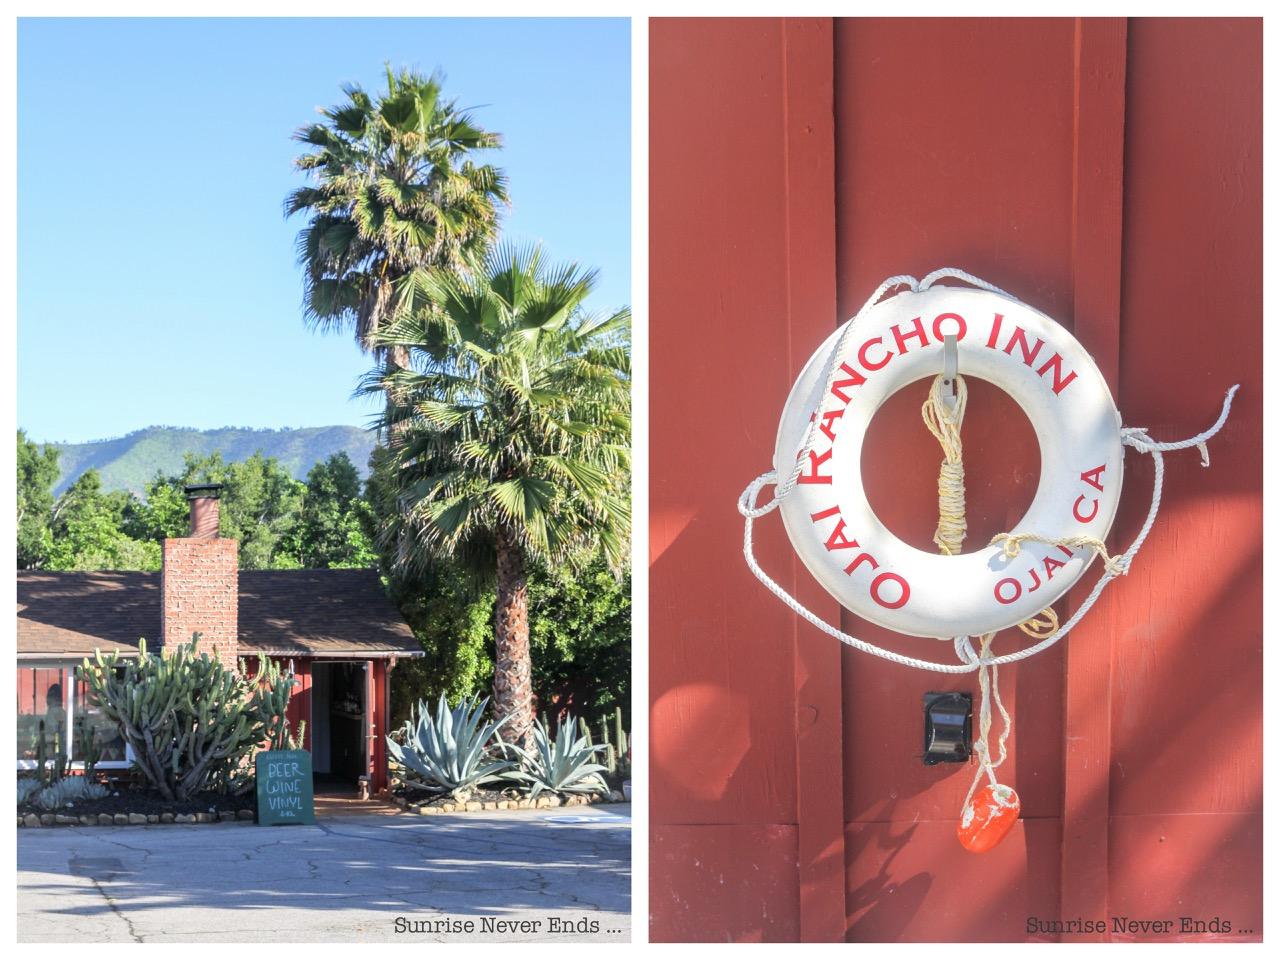 ojai,hotel,californie,california,aliceetfantomette,aliceetfantometteencalifornie,voyages,travel,travel guide,adresses,city guide